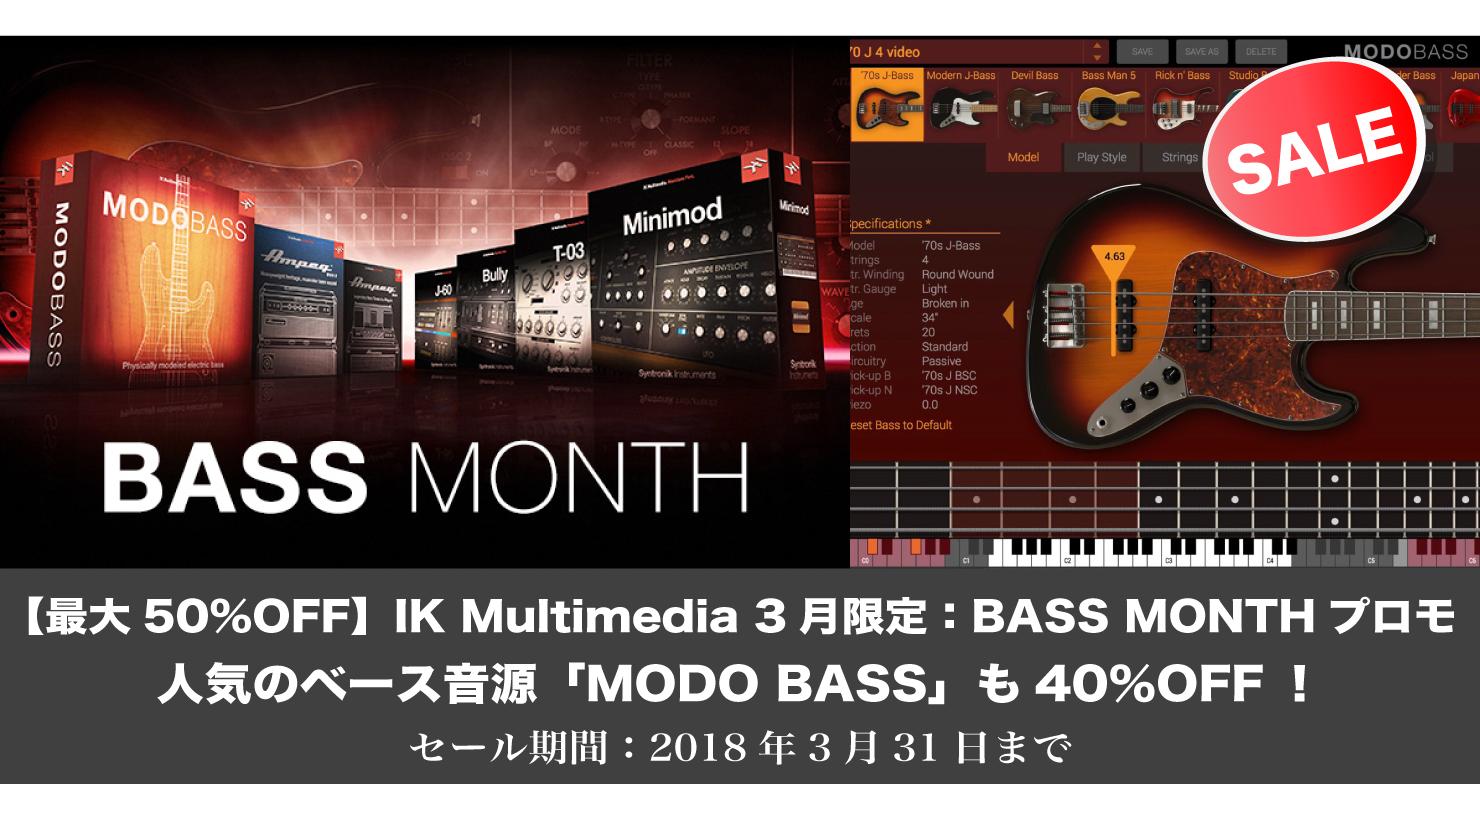 【最大50%OFF】人気のベース音源「MODO BASS」も40%OFF!IK Multimedia 3月限定:BASS MONTHプロモ